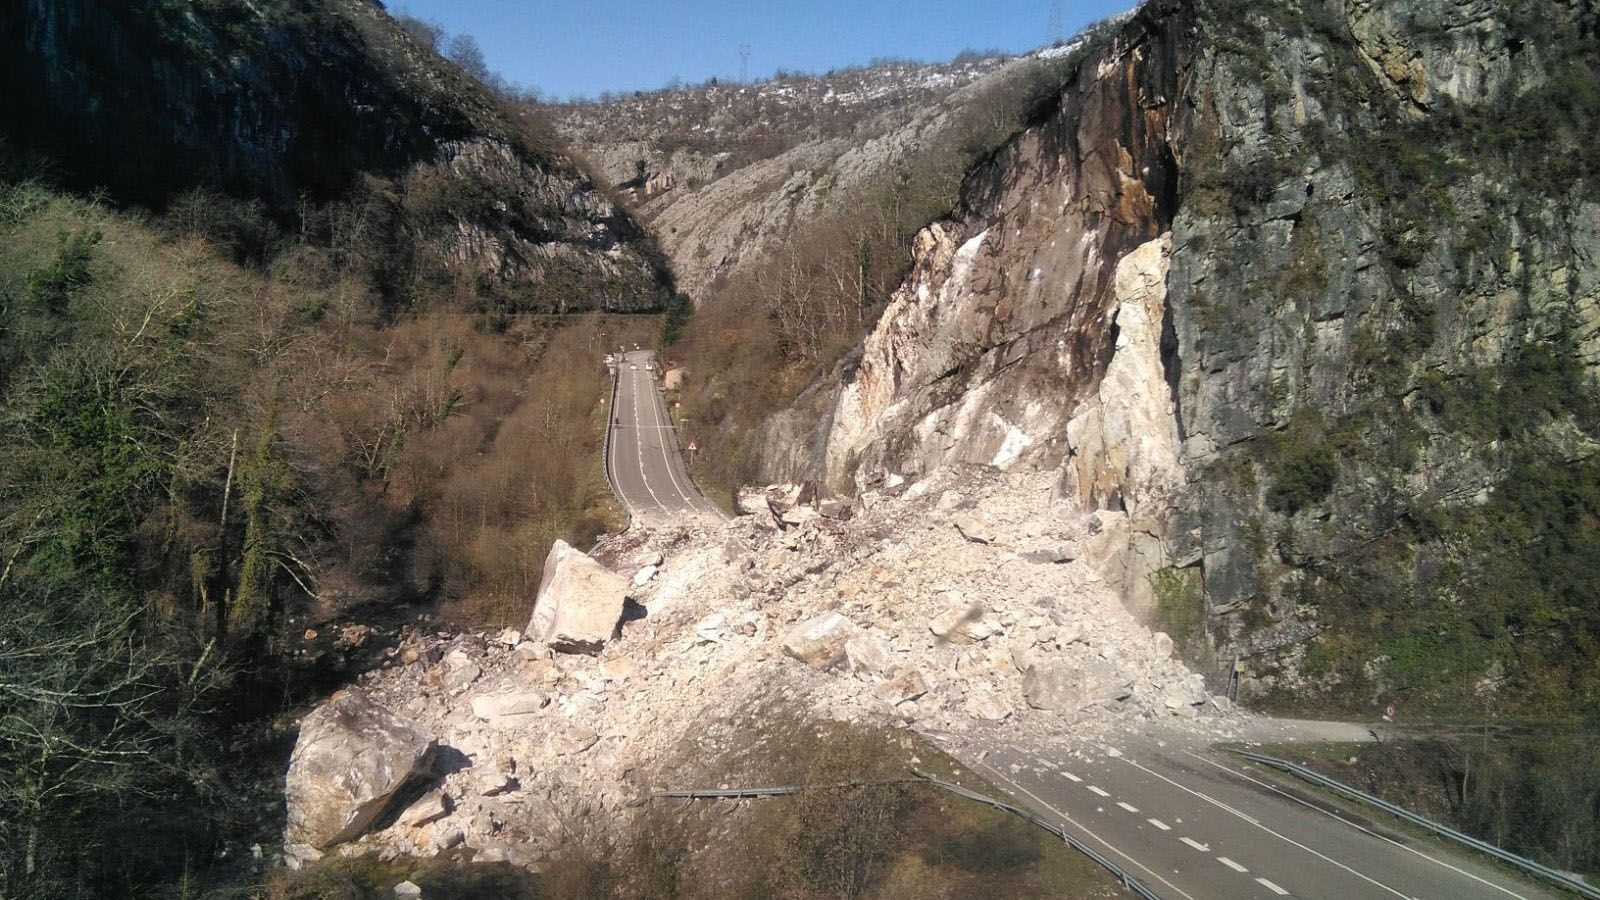 Agenda asturias Hevia tapas teatro Vuelta ciclista Covadonga.El gran argallo que cortó la vía de acceso a través del Corredor del Nalón en marzo